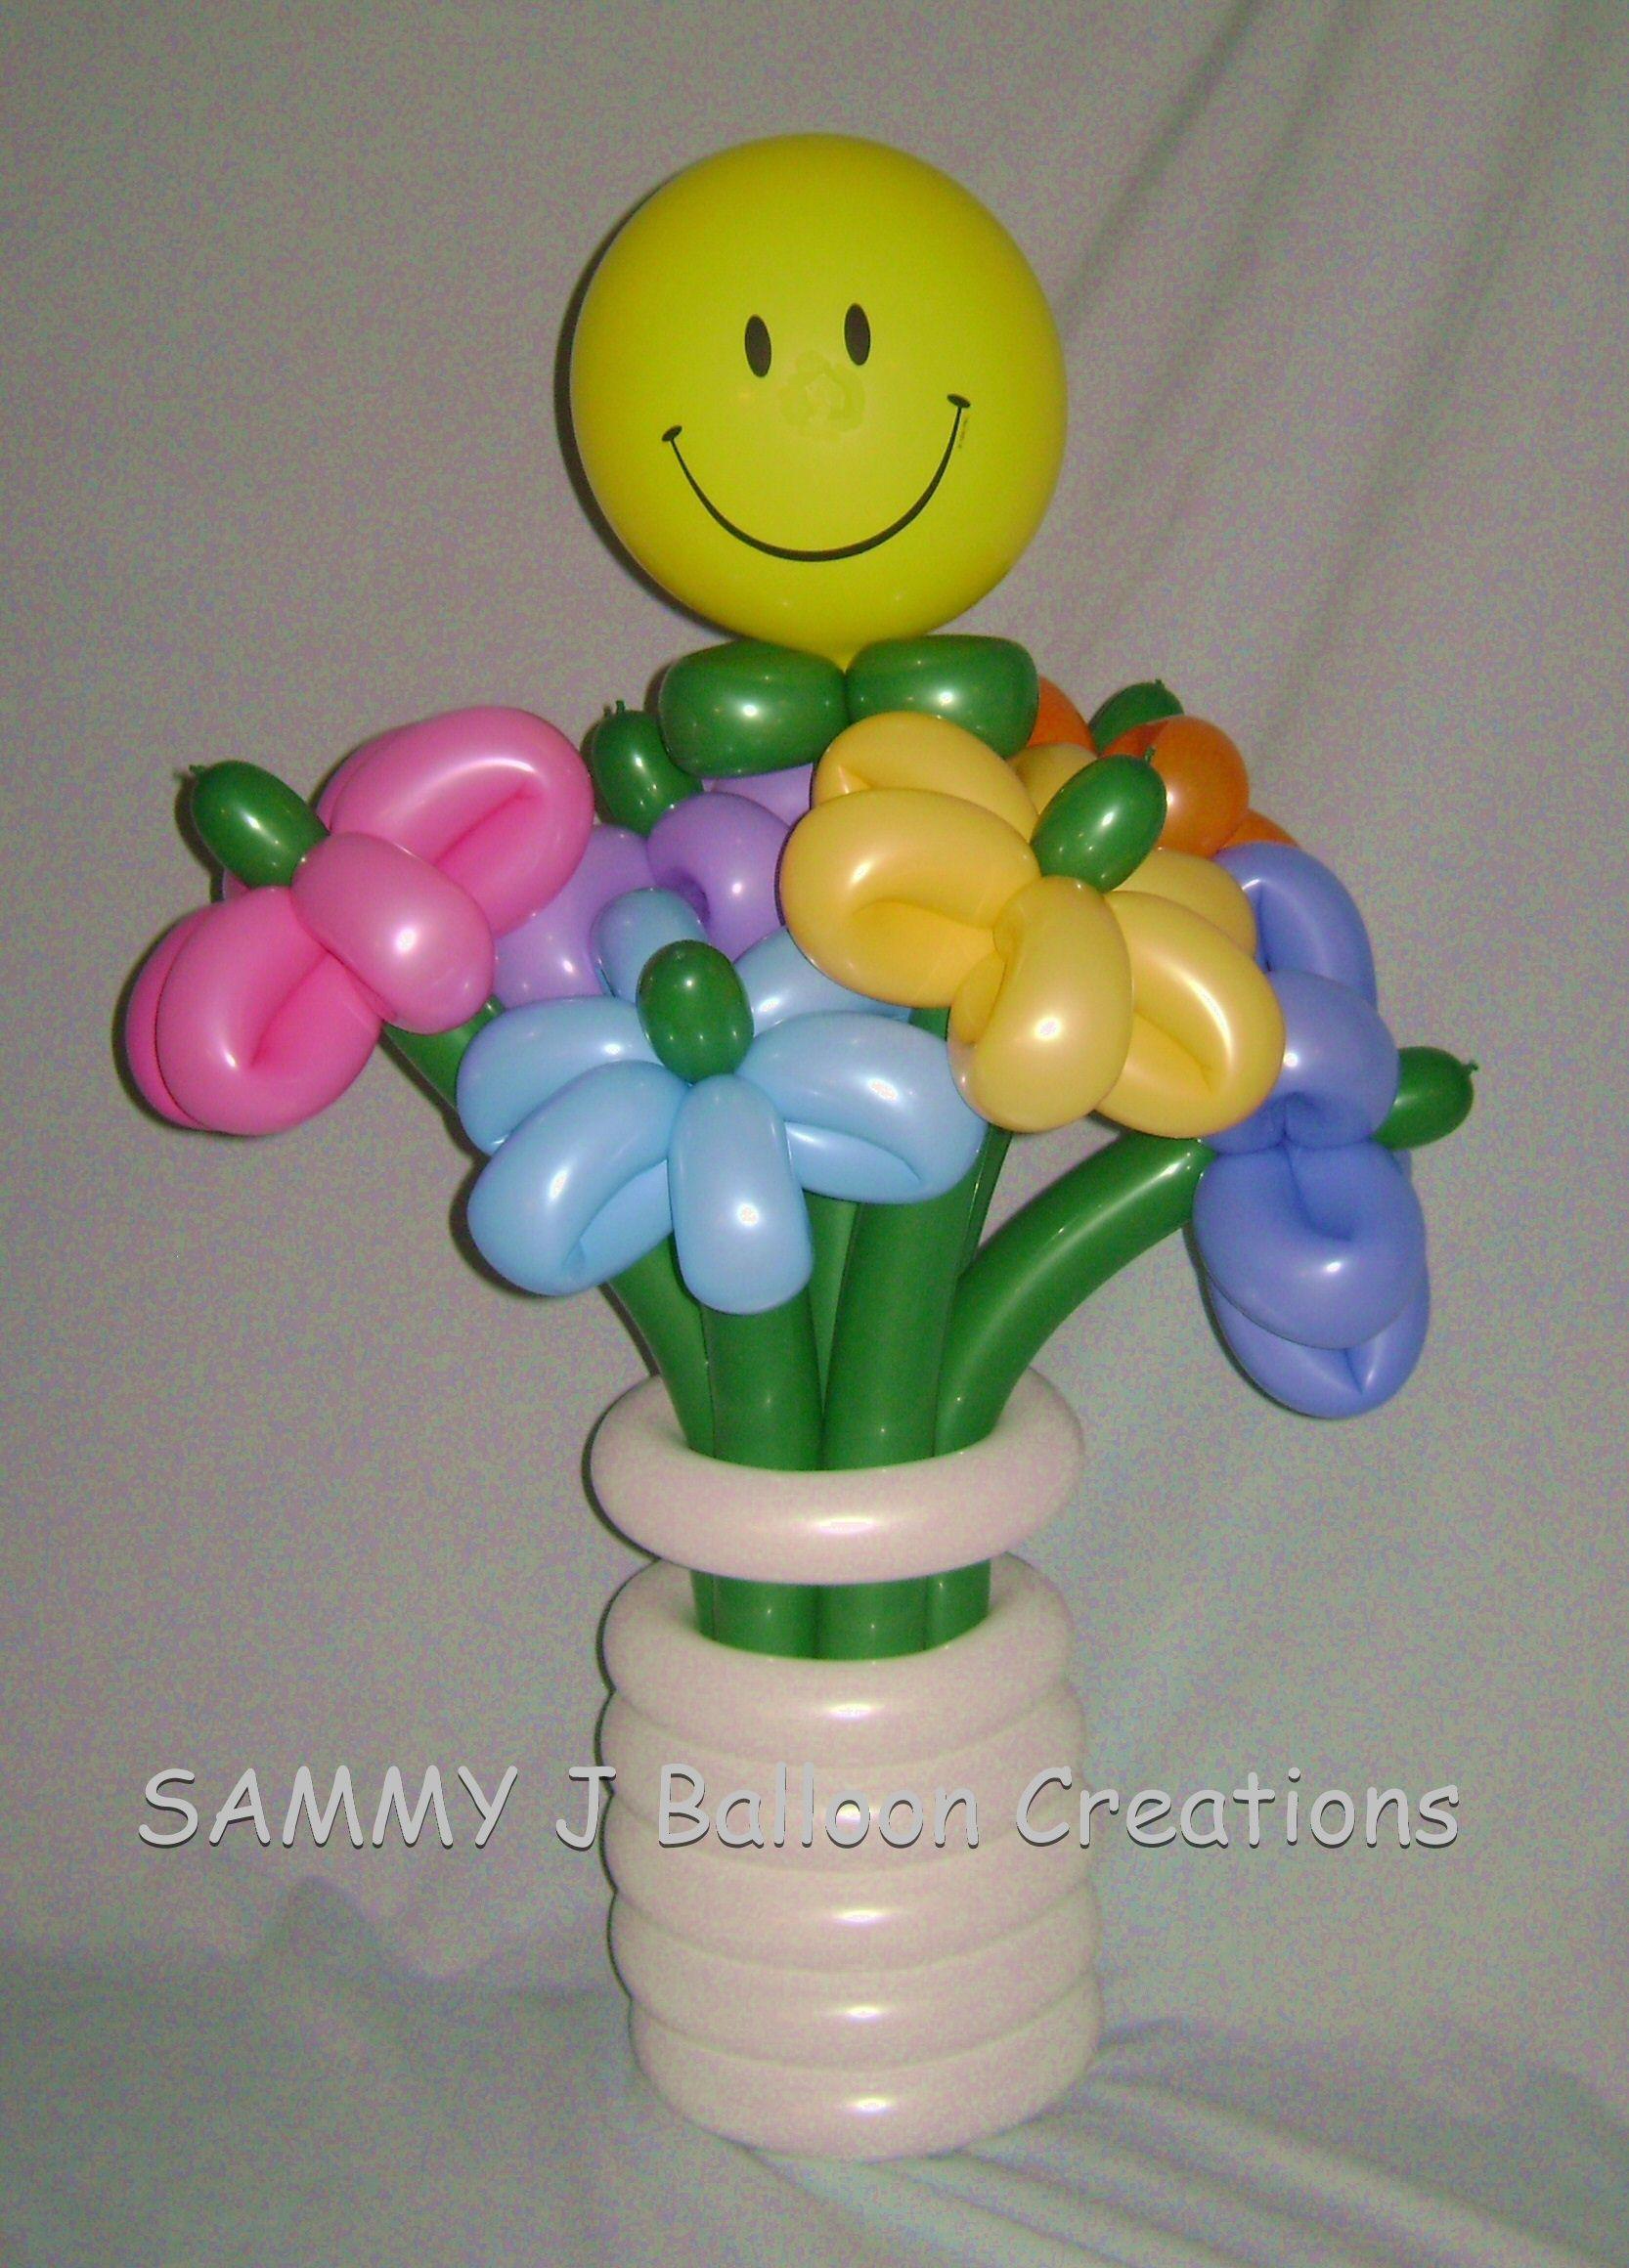 Smiley face balloon bouquet sammyjballoons balloons smiley face balloon bouquet sammyjballoons izmirmasajfo